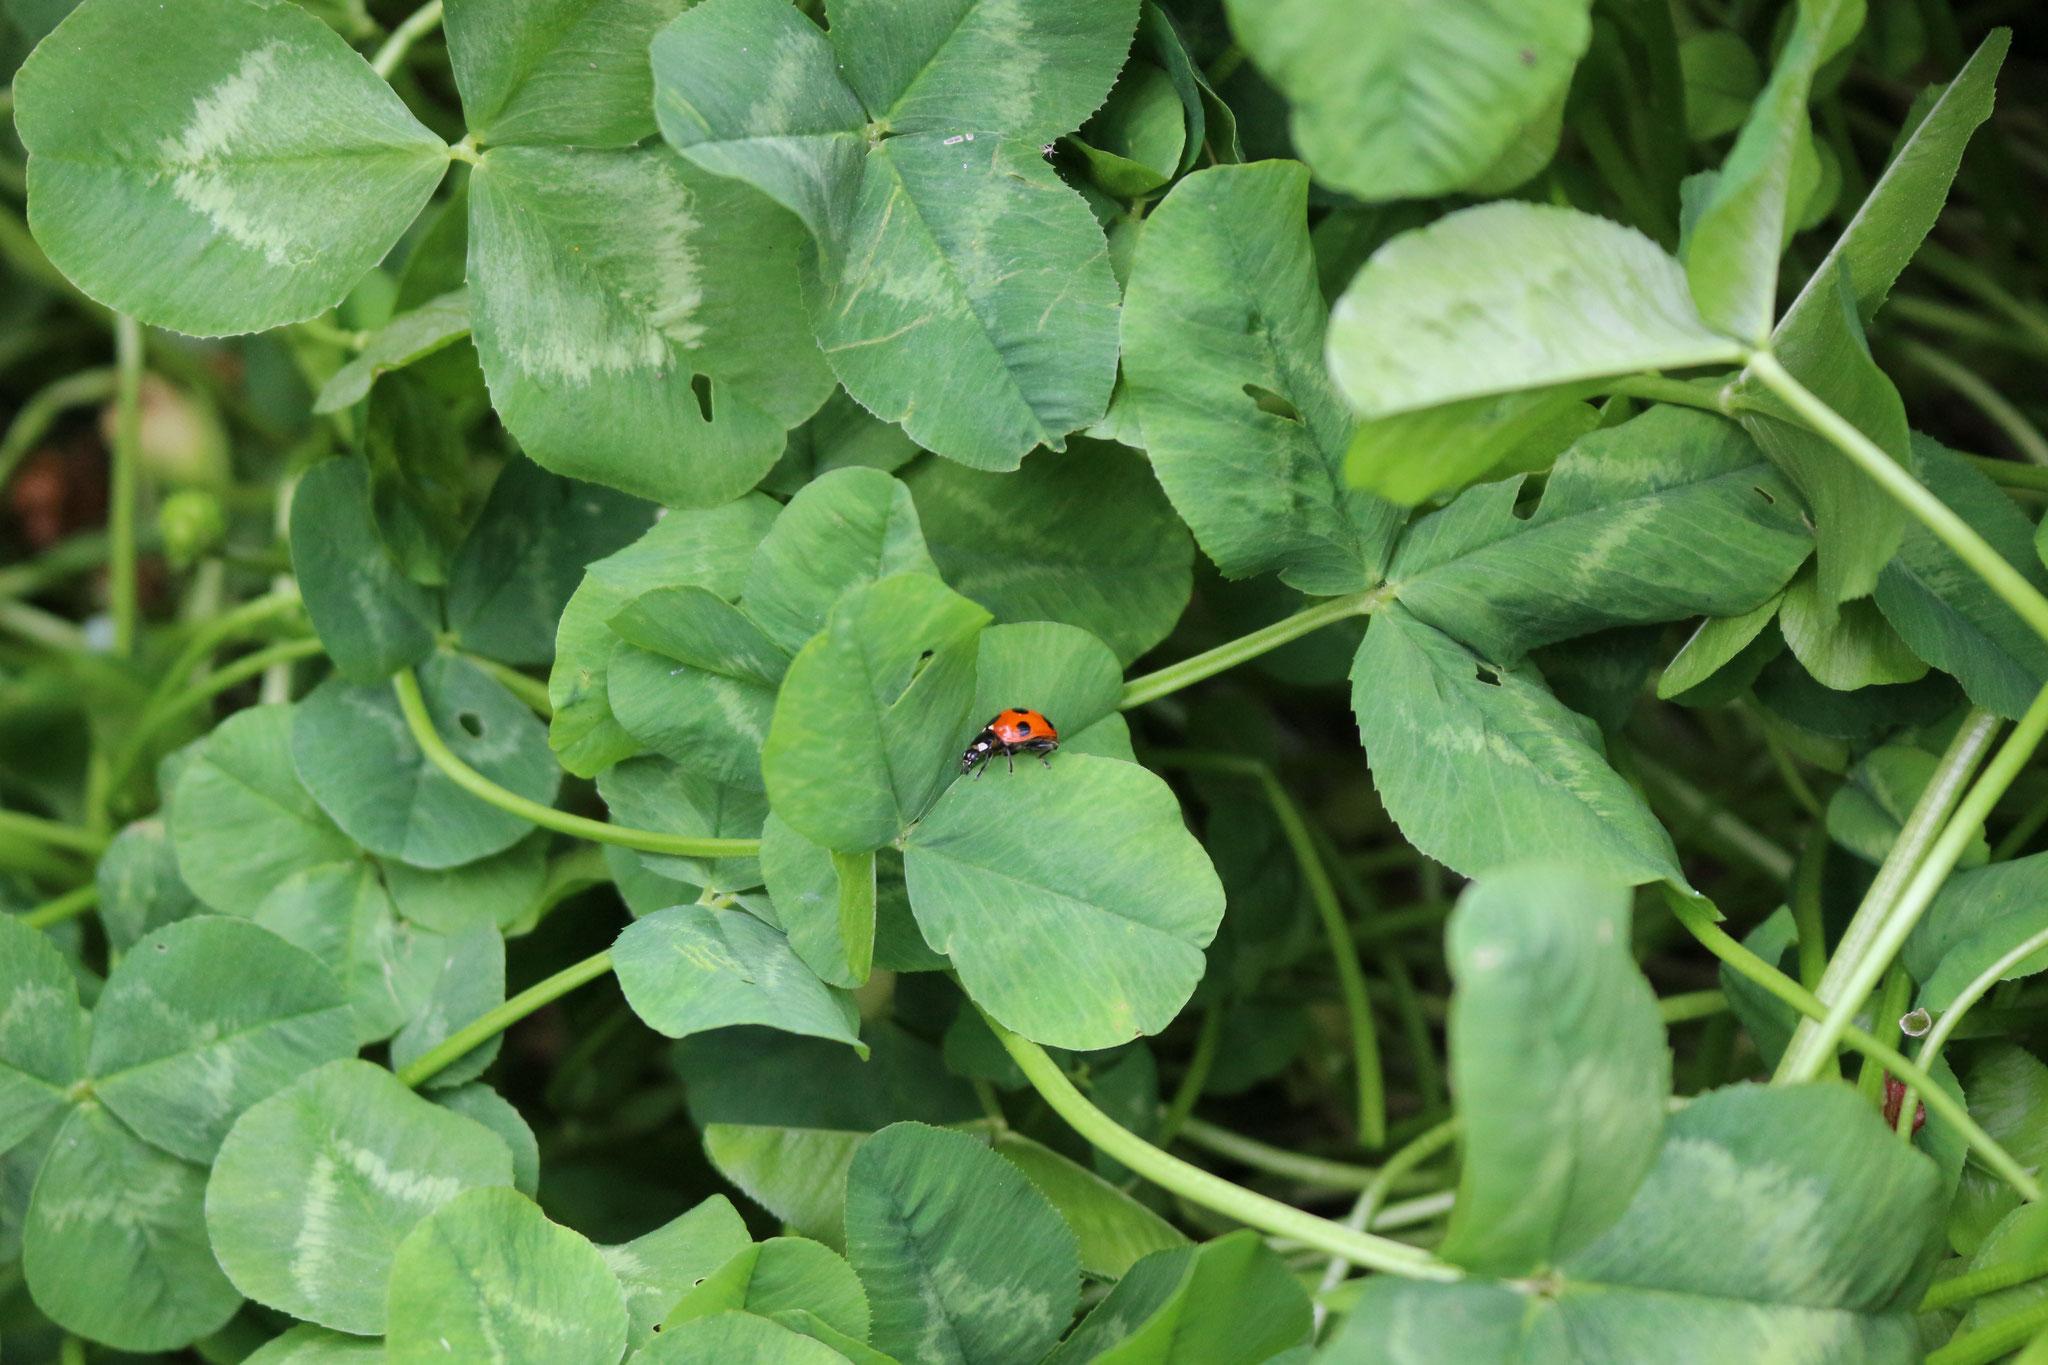 主に虫さんはダンゴムシ、アリ、カタツムリがいます。他にも🦋や🐞なども見ることができると自然に触れ合う機会がもてます。